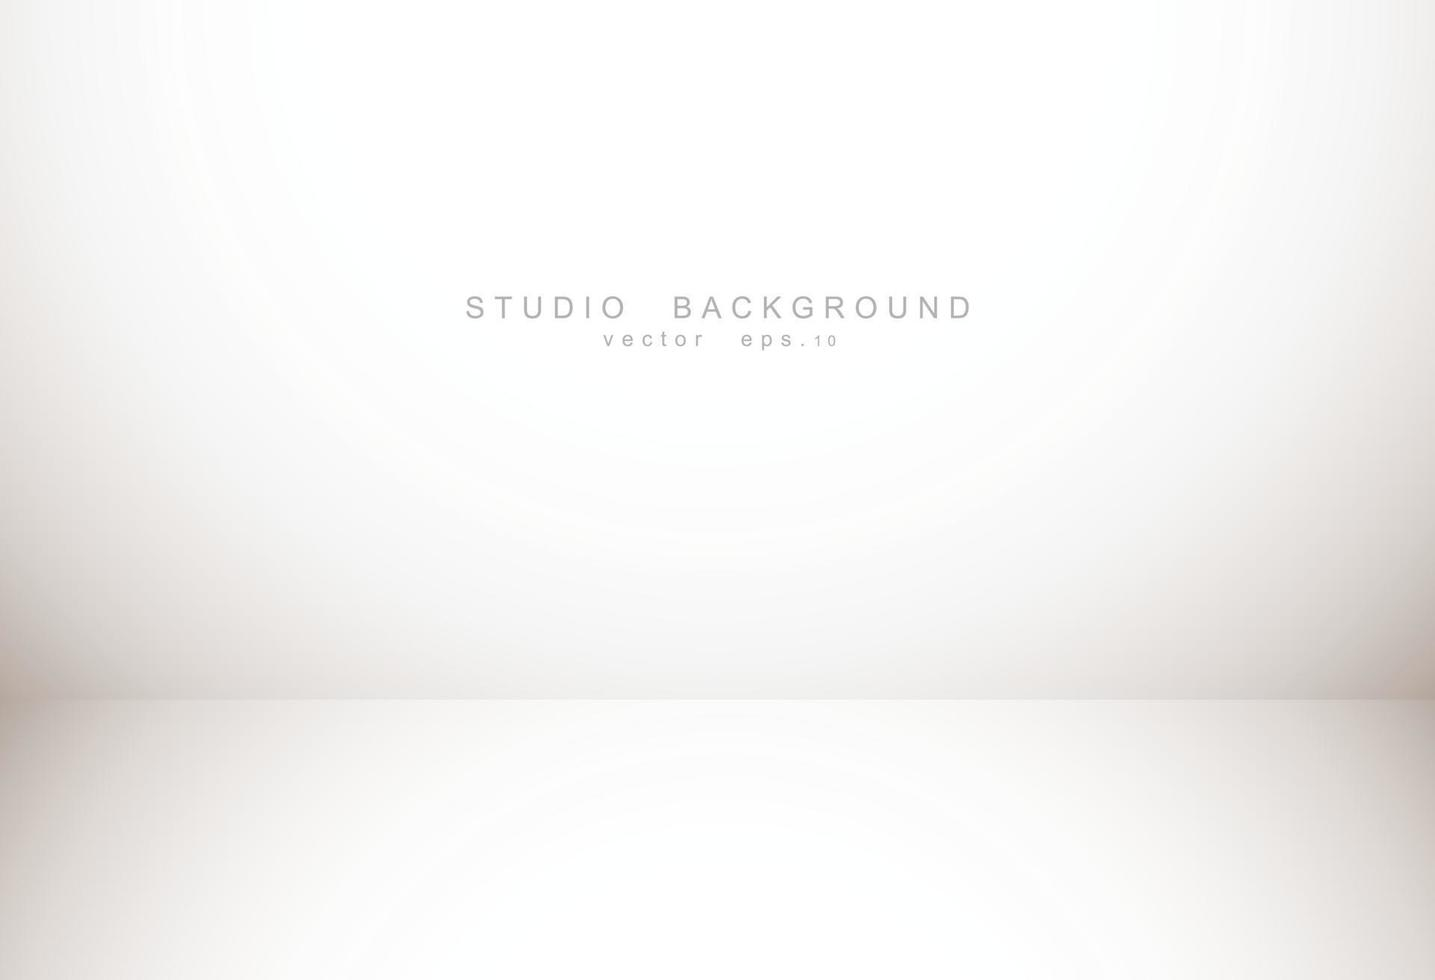 gradiente marrone pastello vuoto di lusso astratto con vignetta marrone bordo, visualizzazione sullo sfondo dello studio del prodotto, contesto aziendale. illustrazione vettoriale. vettore